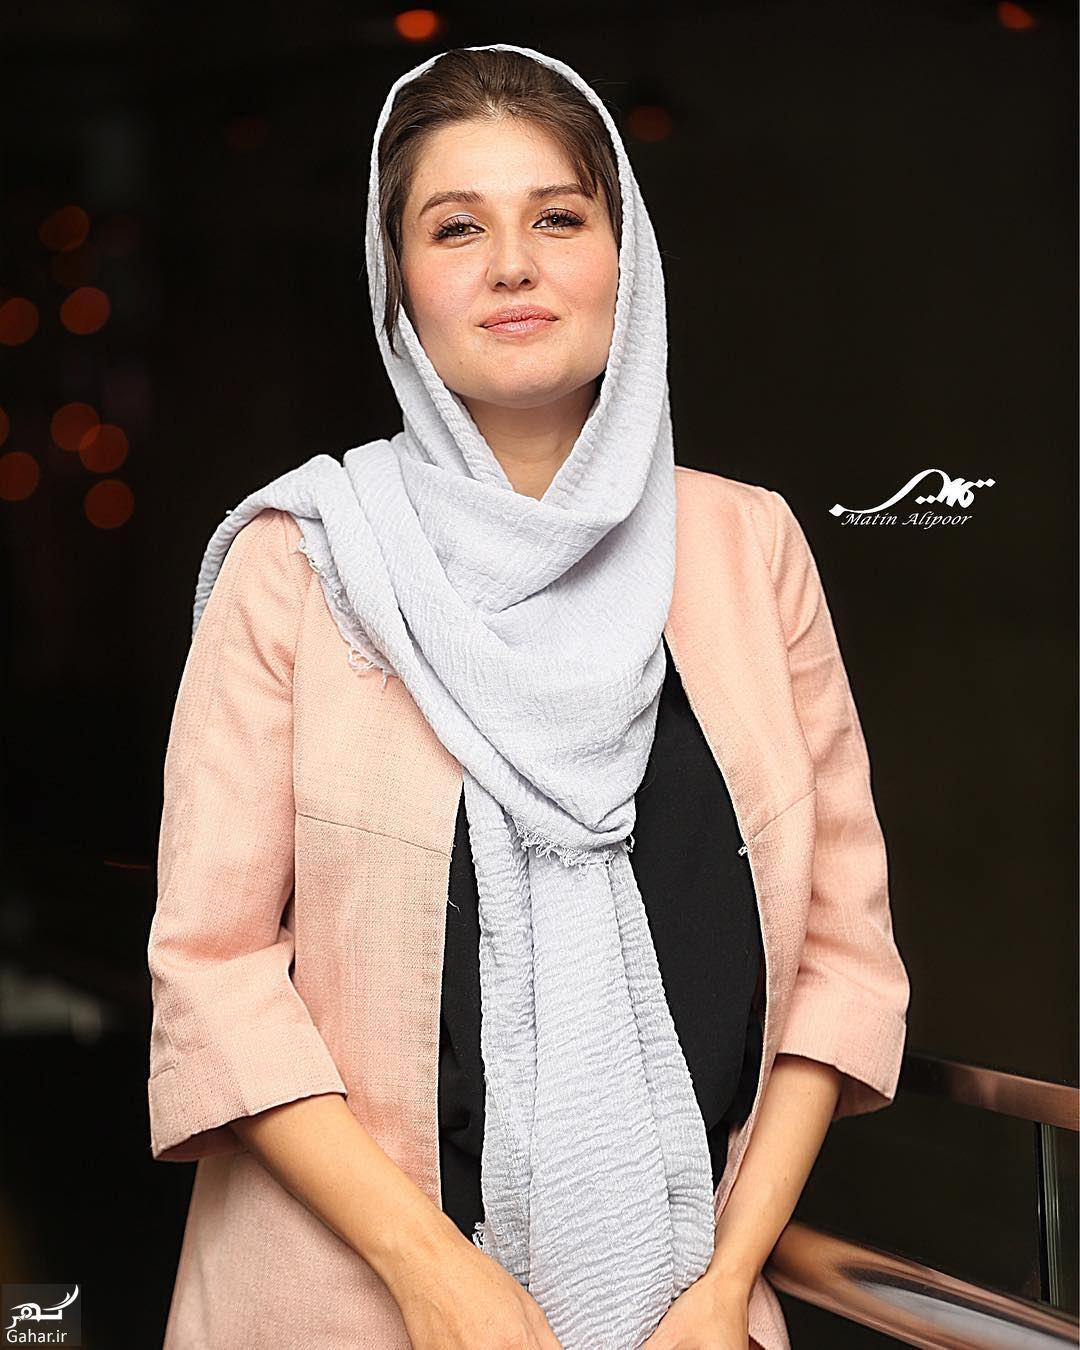 351650 Gahar ir عکس های جدید گلوریا هاردی و همسرش ساعد سهیلی در مراسم اکران پل خواب